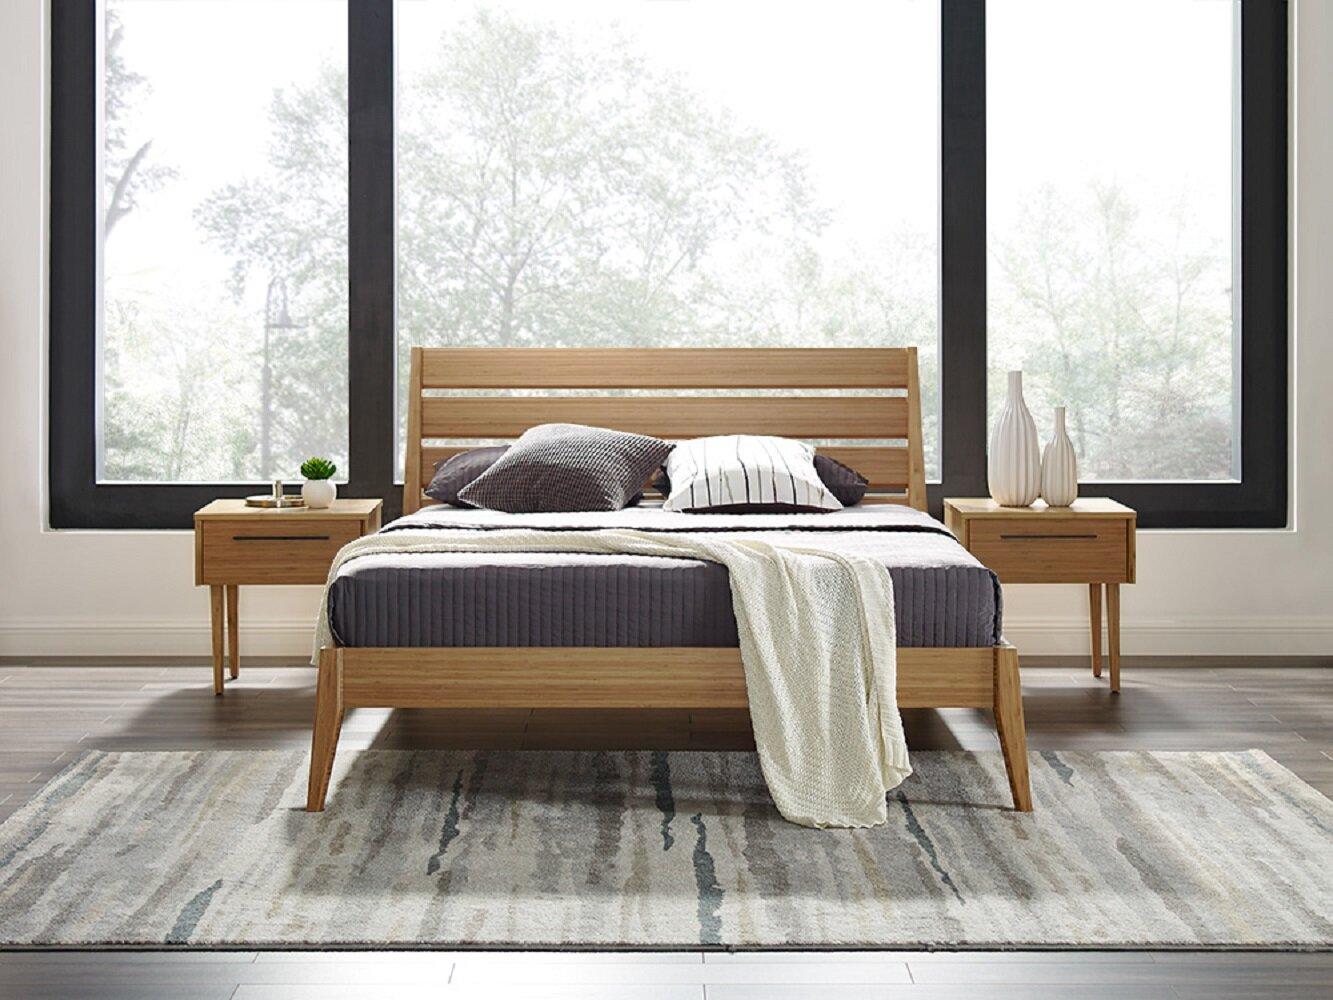 Spiva Solid Wood Platform Bed Reviews Allmodern